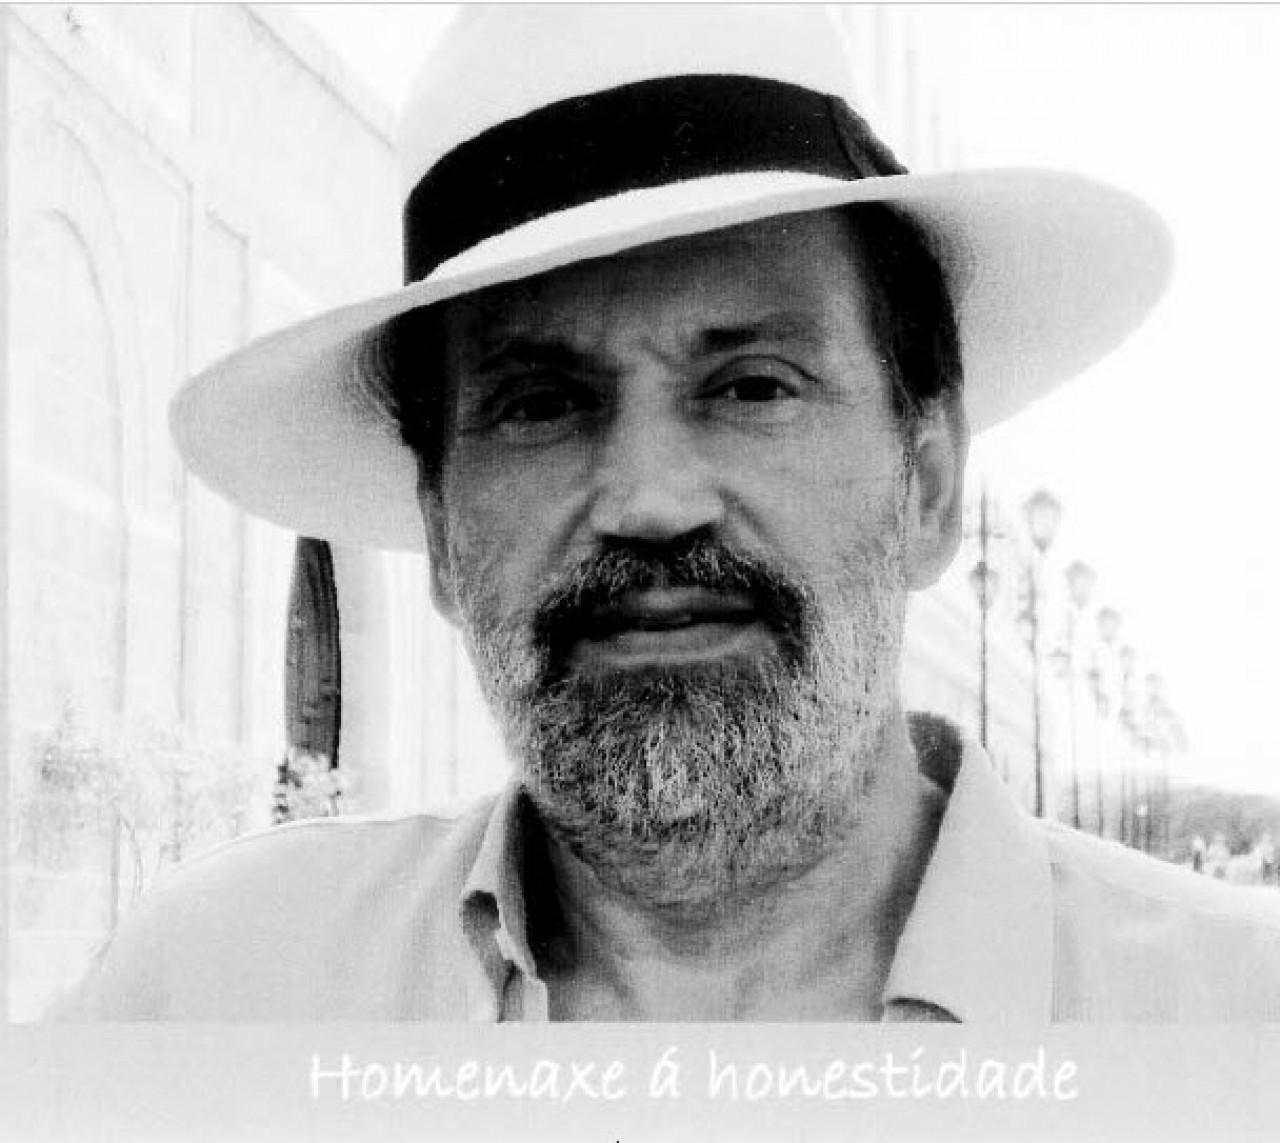 bonifacio borreiros homenaxe a honestidade